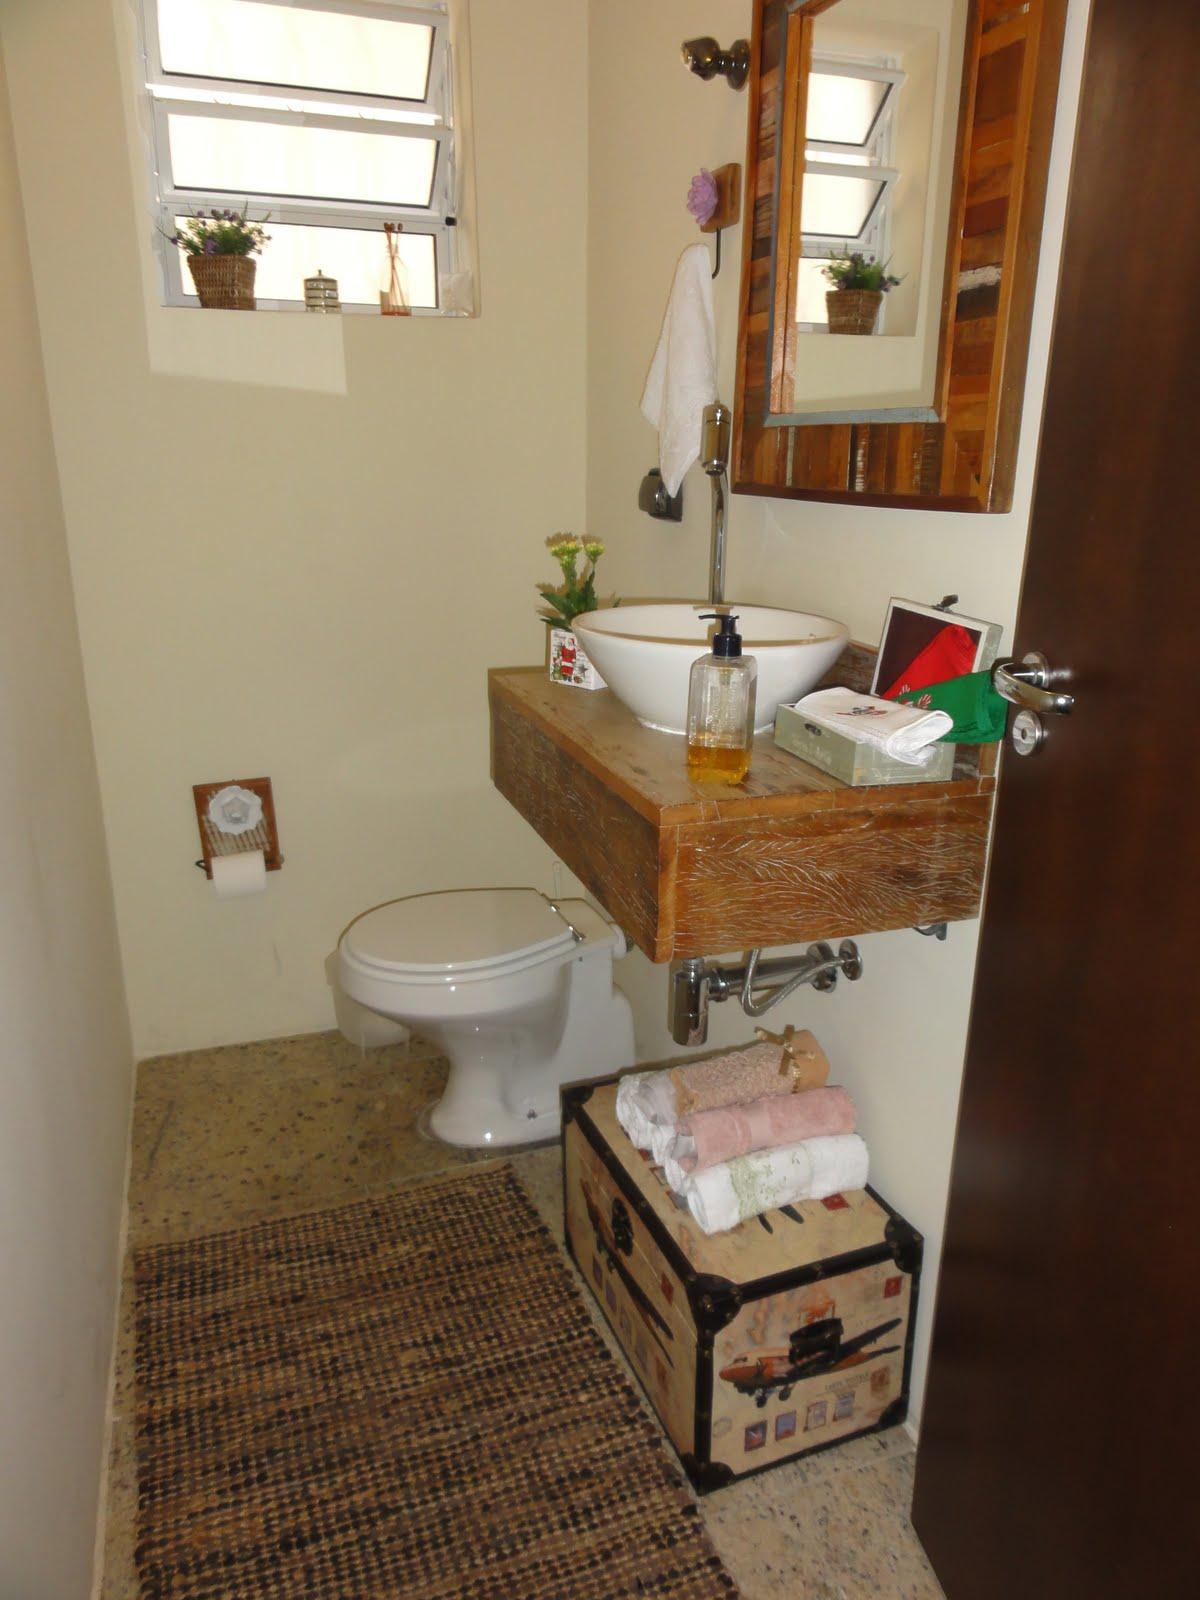 Imagens de #B41817 lavabo da minha casa é bem rústico e eu adoro esse estilo! 1200x1600 px 3626 Banheiros Simples Rusticos